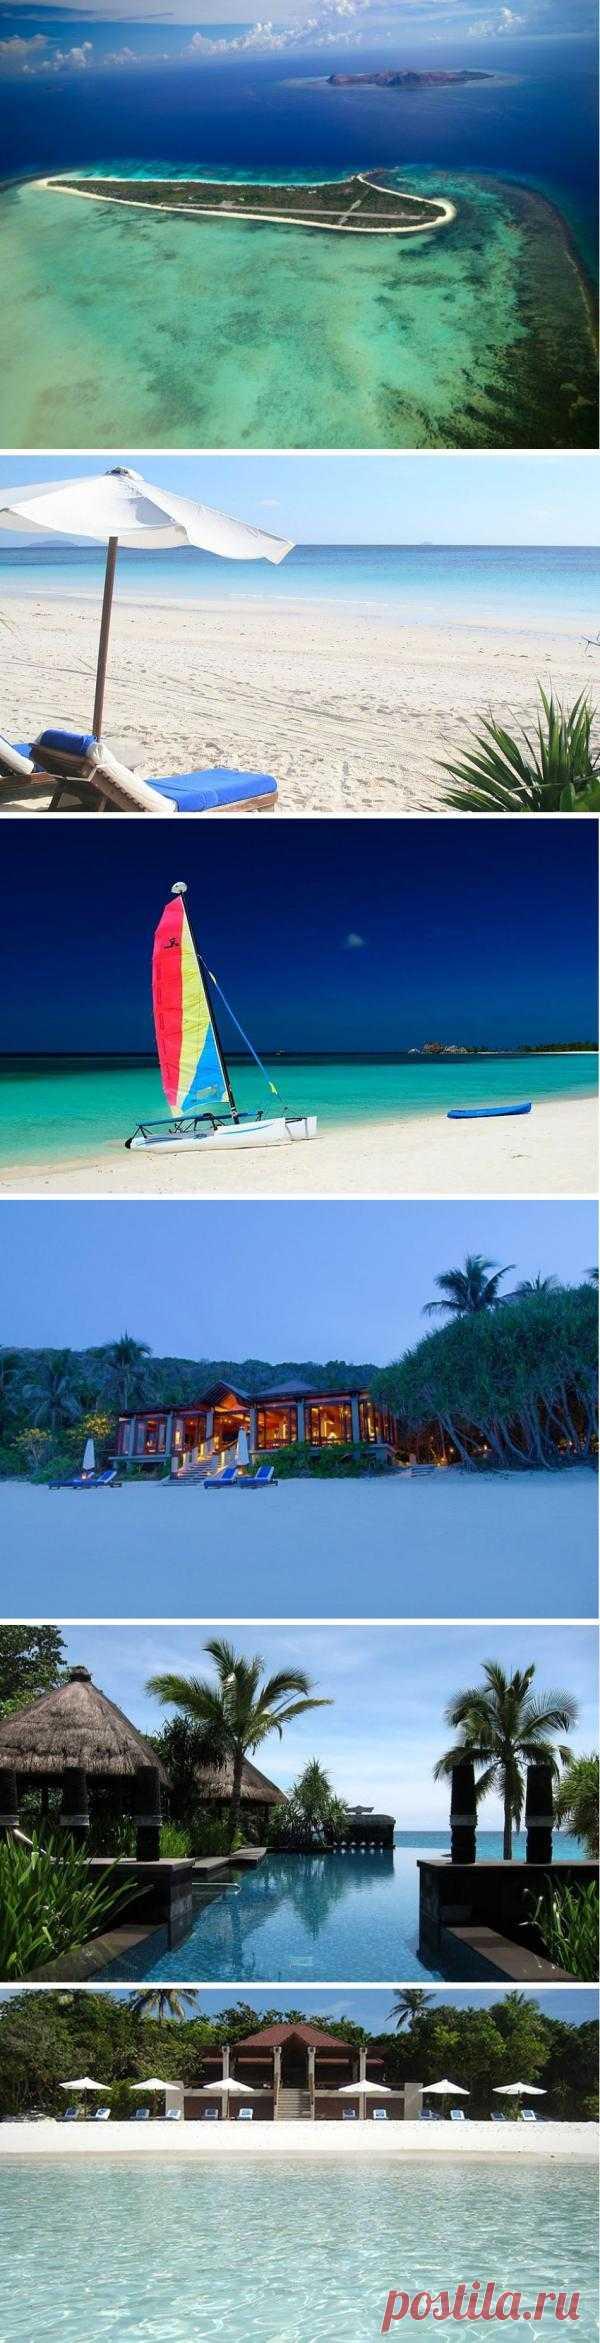 Одно из самых живописных и удивительных мест на Филиппинах - коралловый остров Памаликан